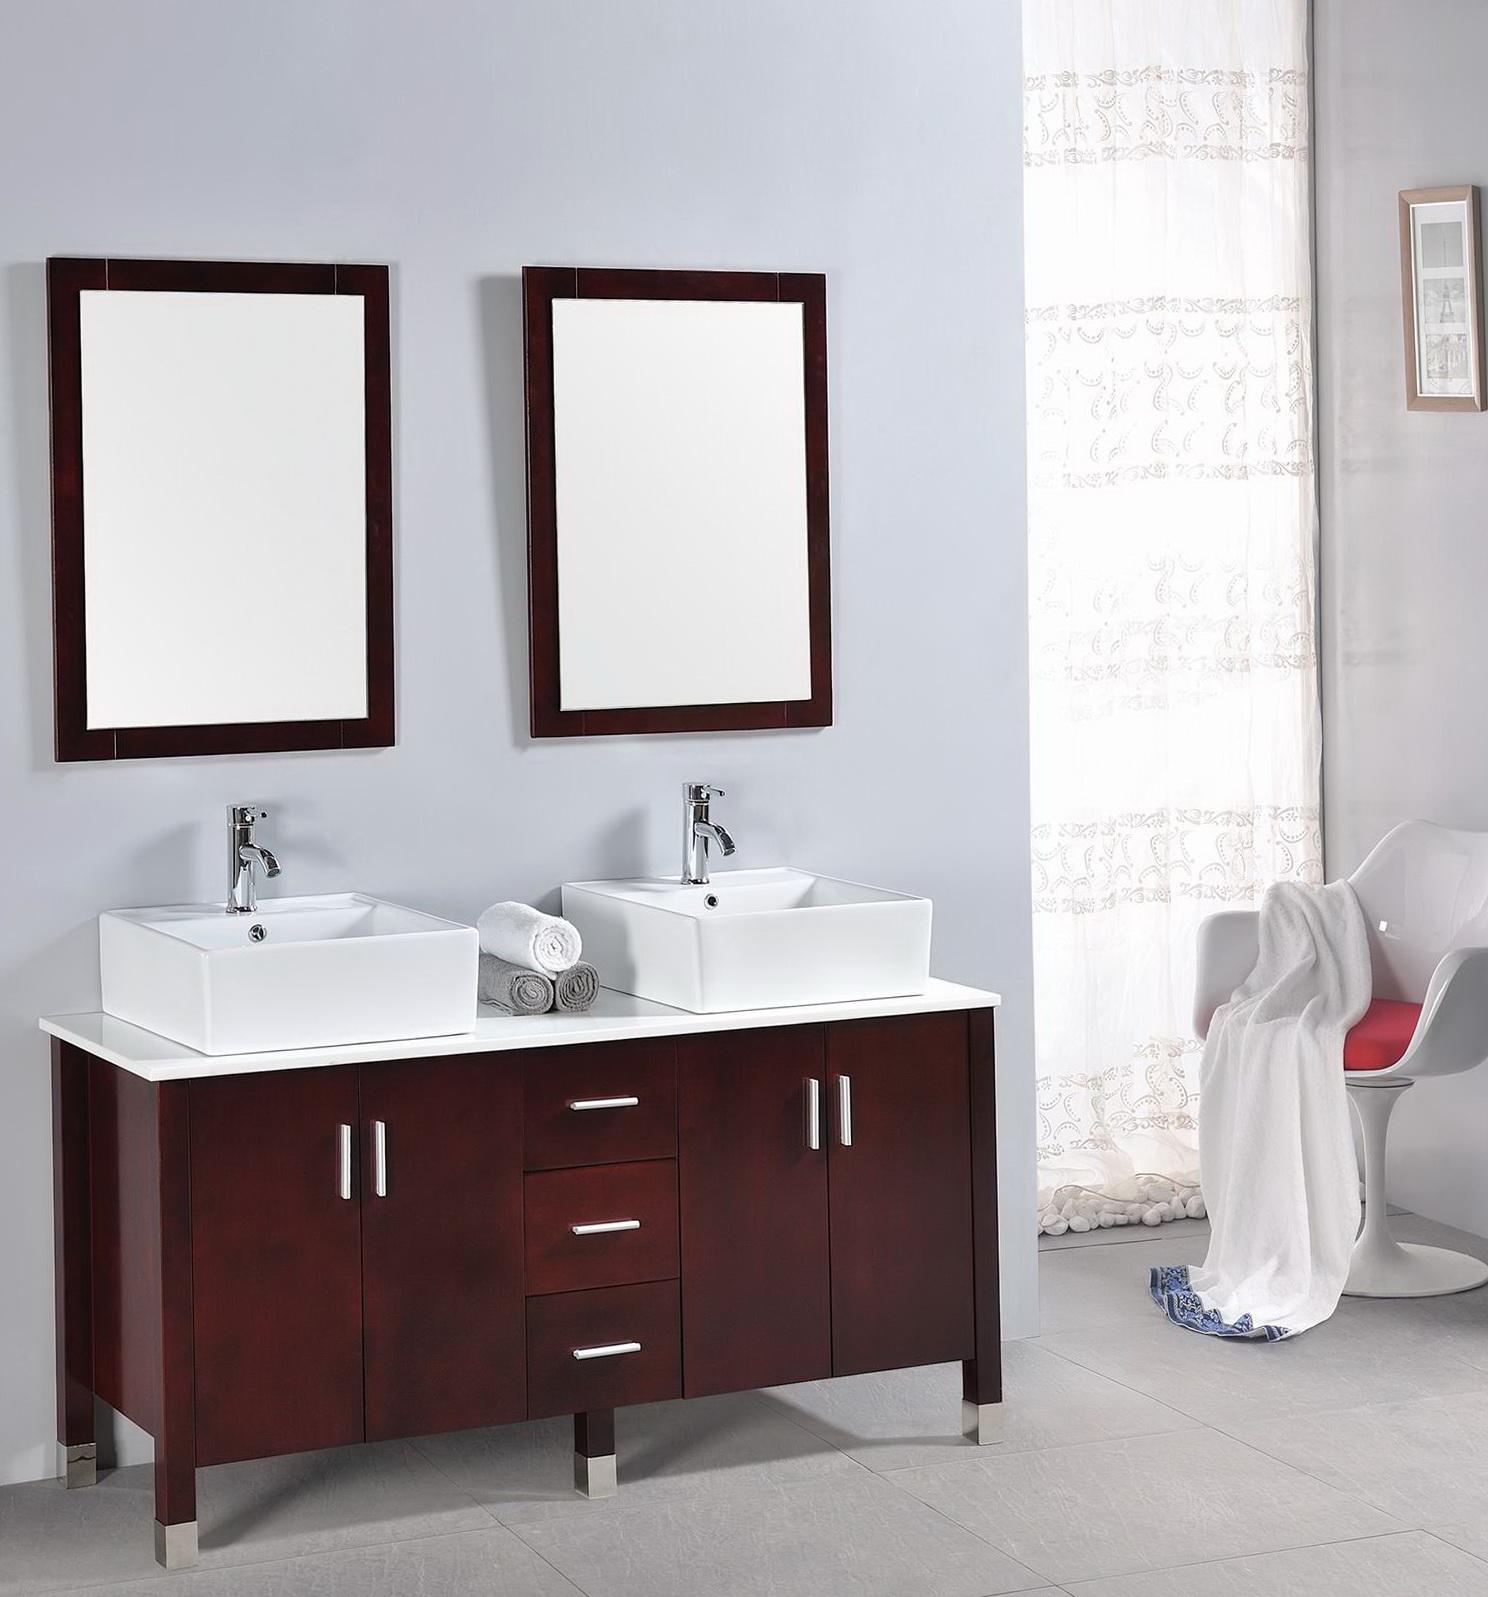 Painted Bathroom Cabinet Ideas